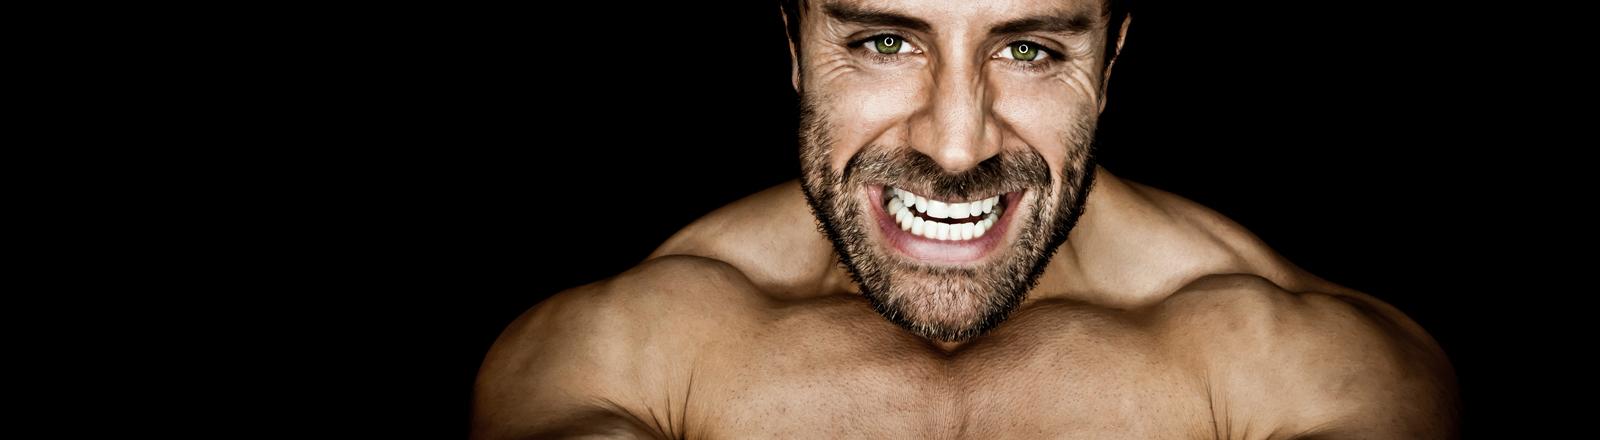 Ein sehr muskulöser Mann schaut grimmig in die Kamera.